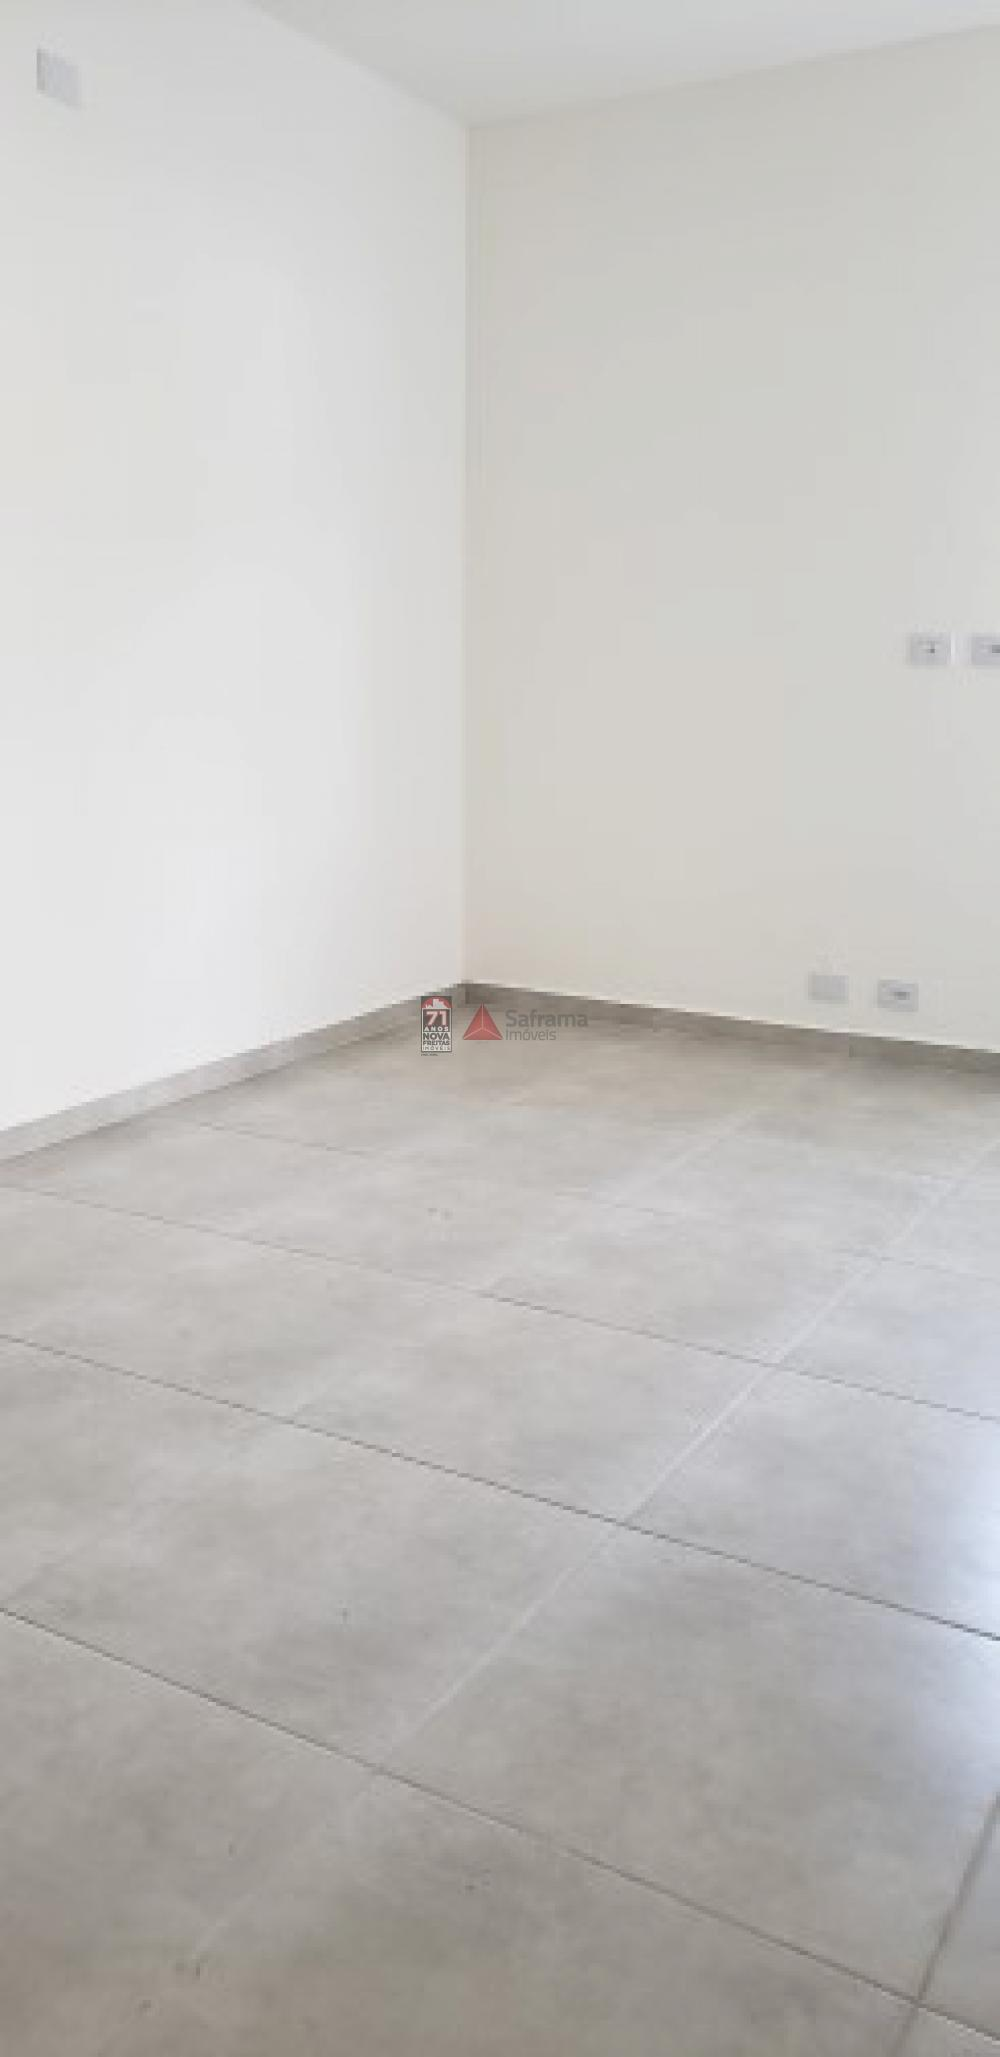 Comprar Casa / (Sobrado em condomínio) em Caraguatatuba apenas R$ 270.000,00 - Foto 4